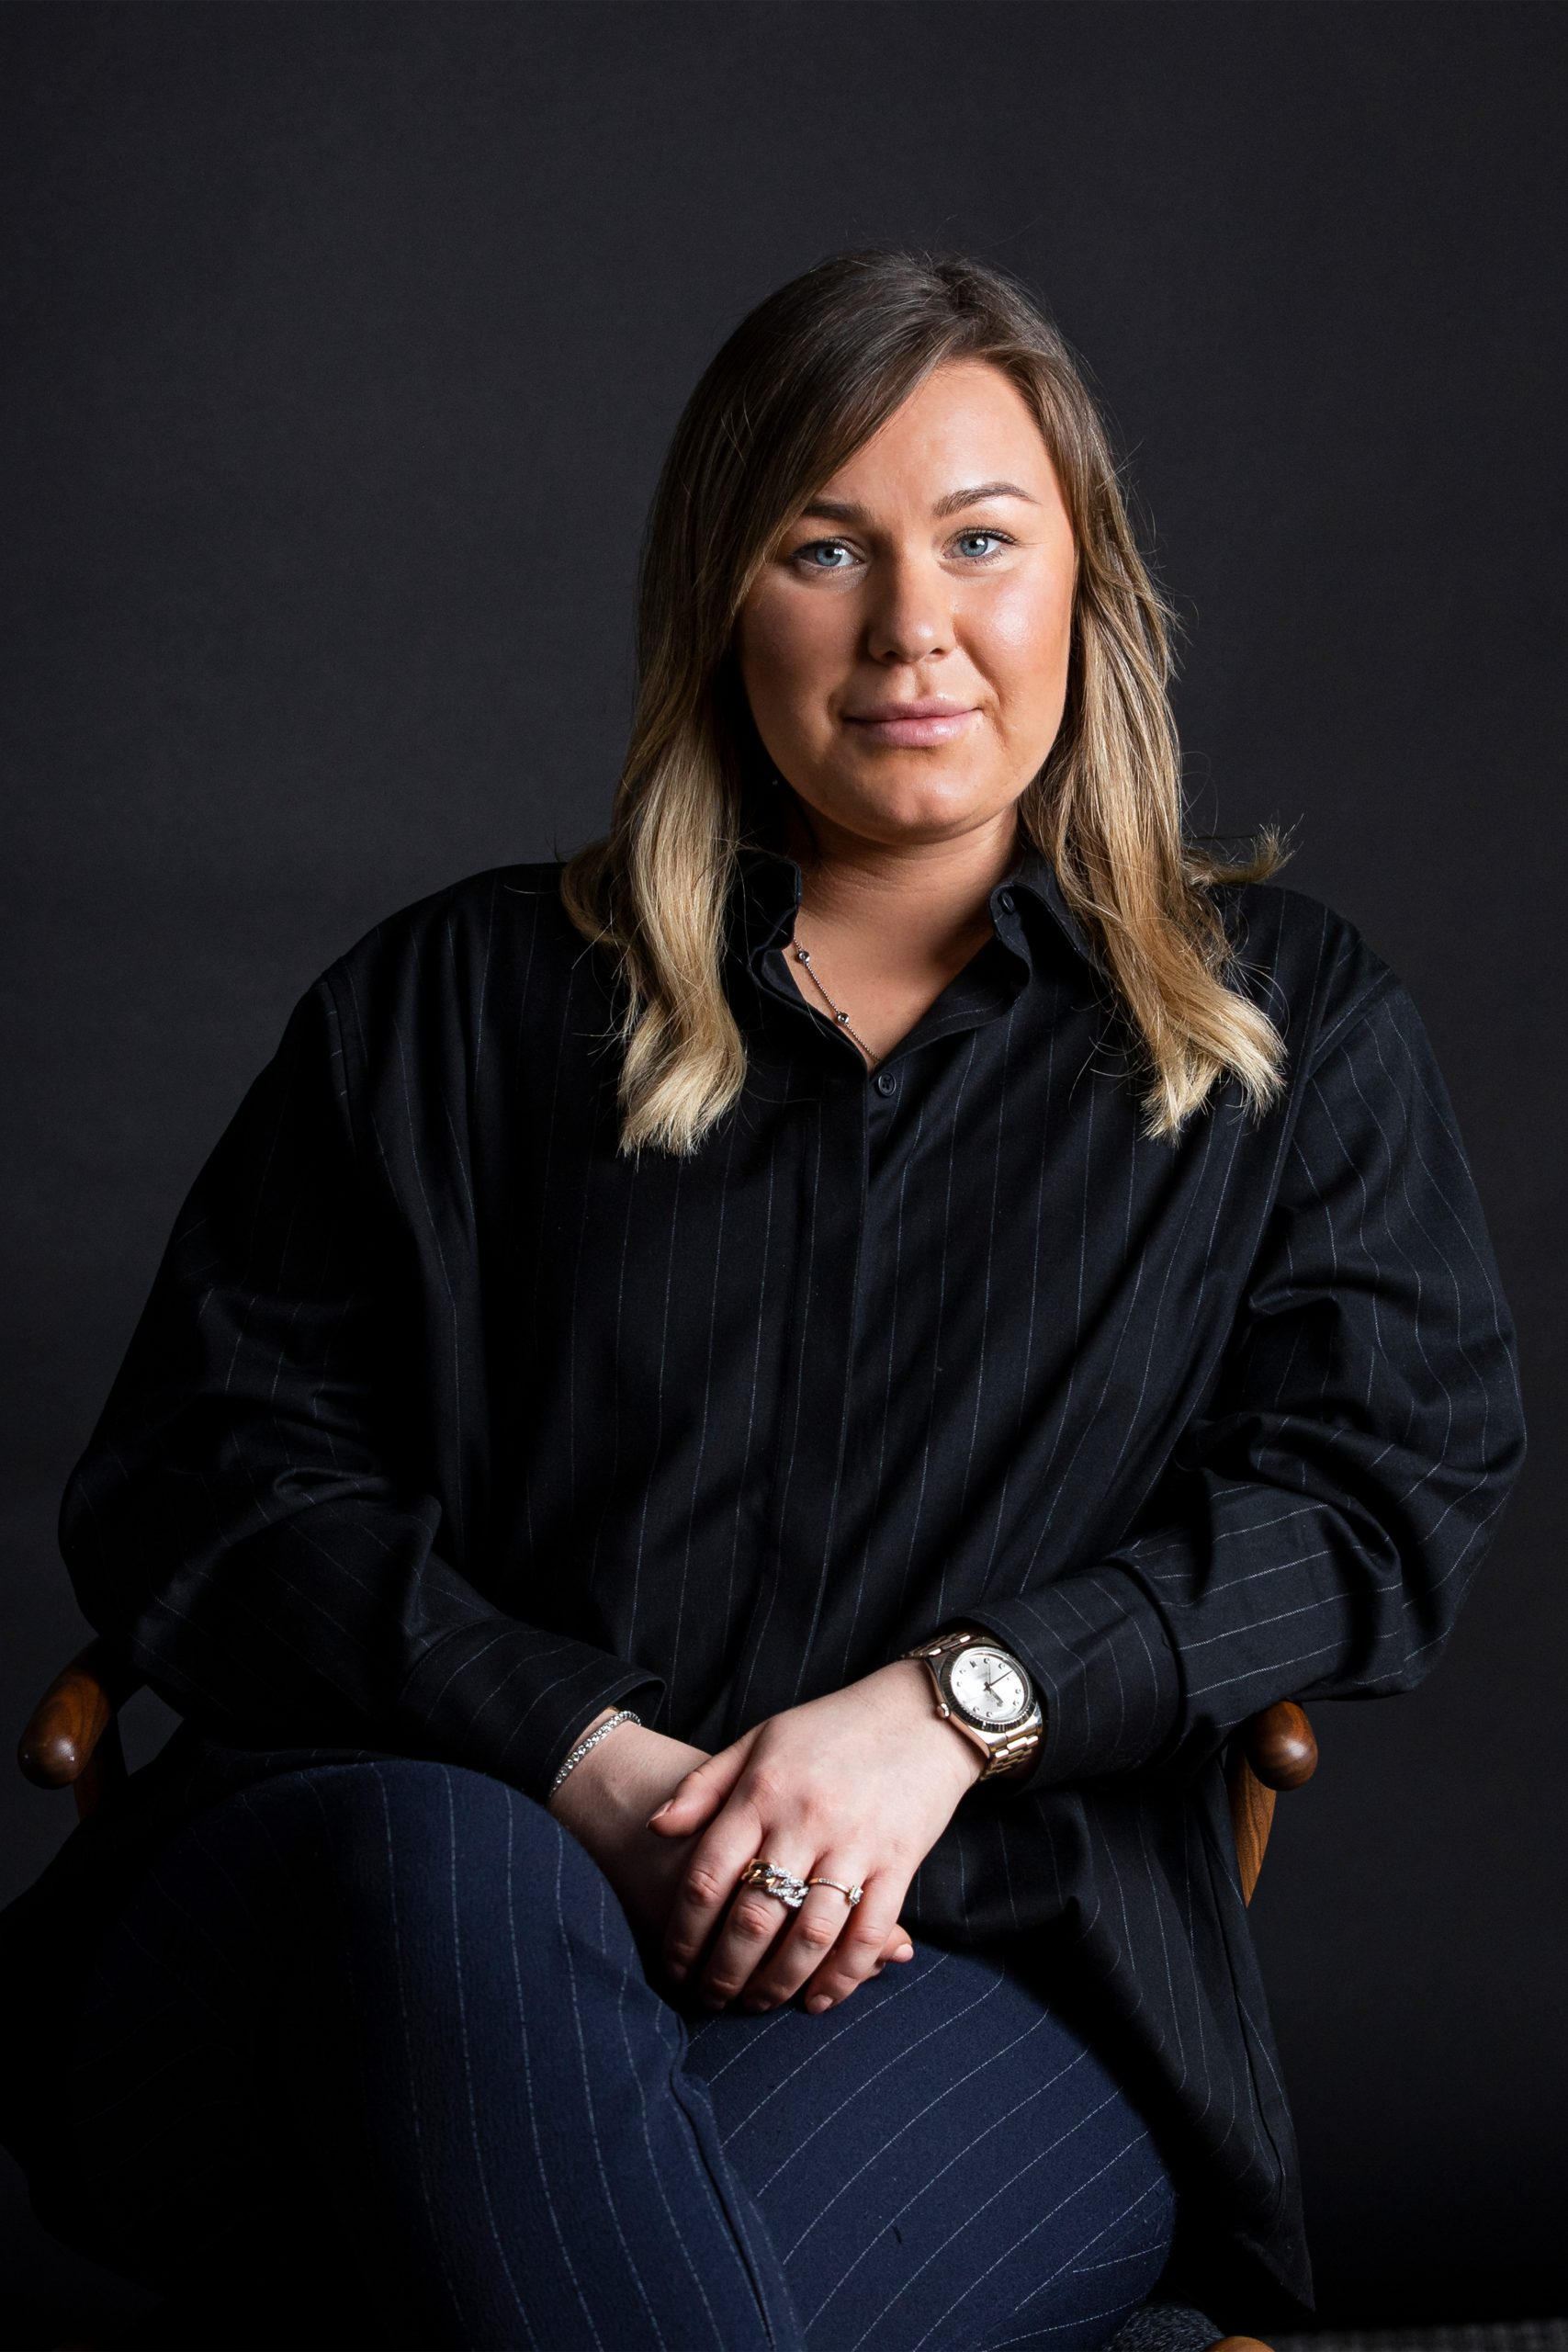 Nikki Berglund